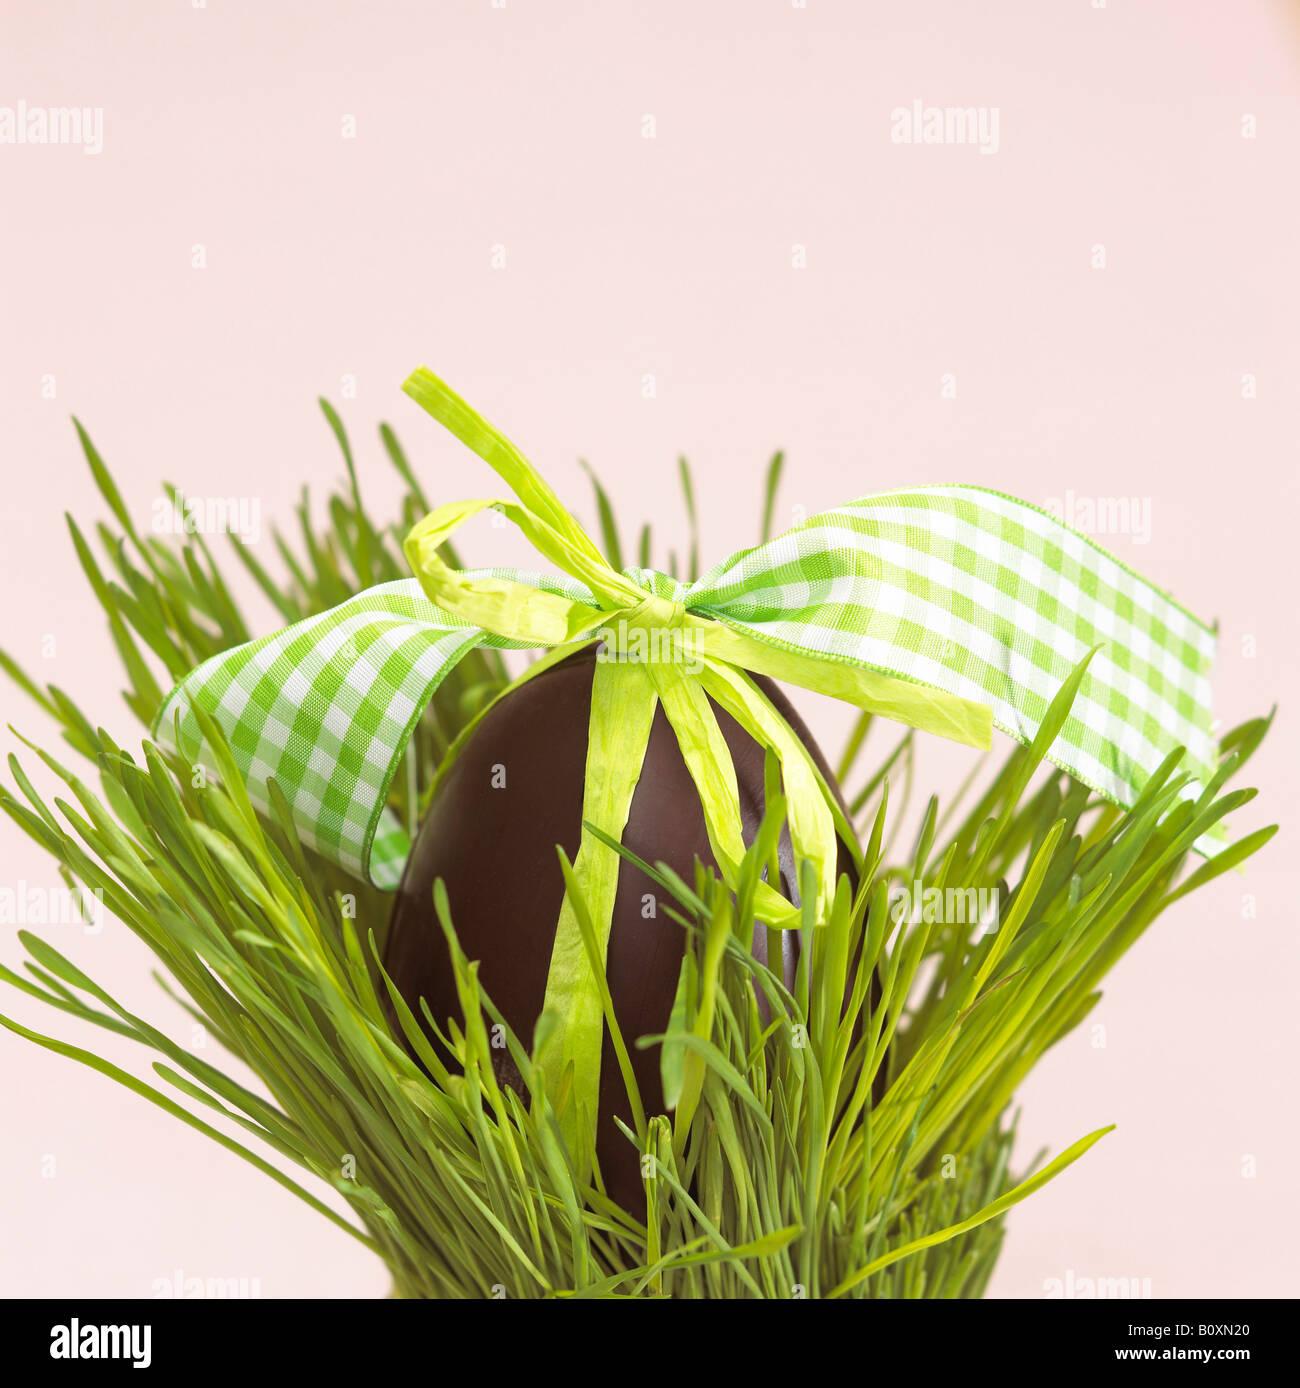 Nid de Pâques avec des oeufs au chocolat Photo Stock